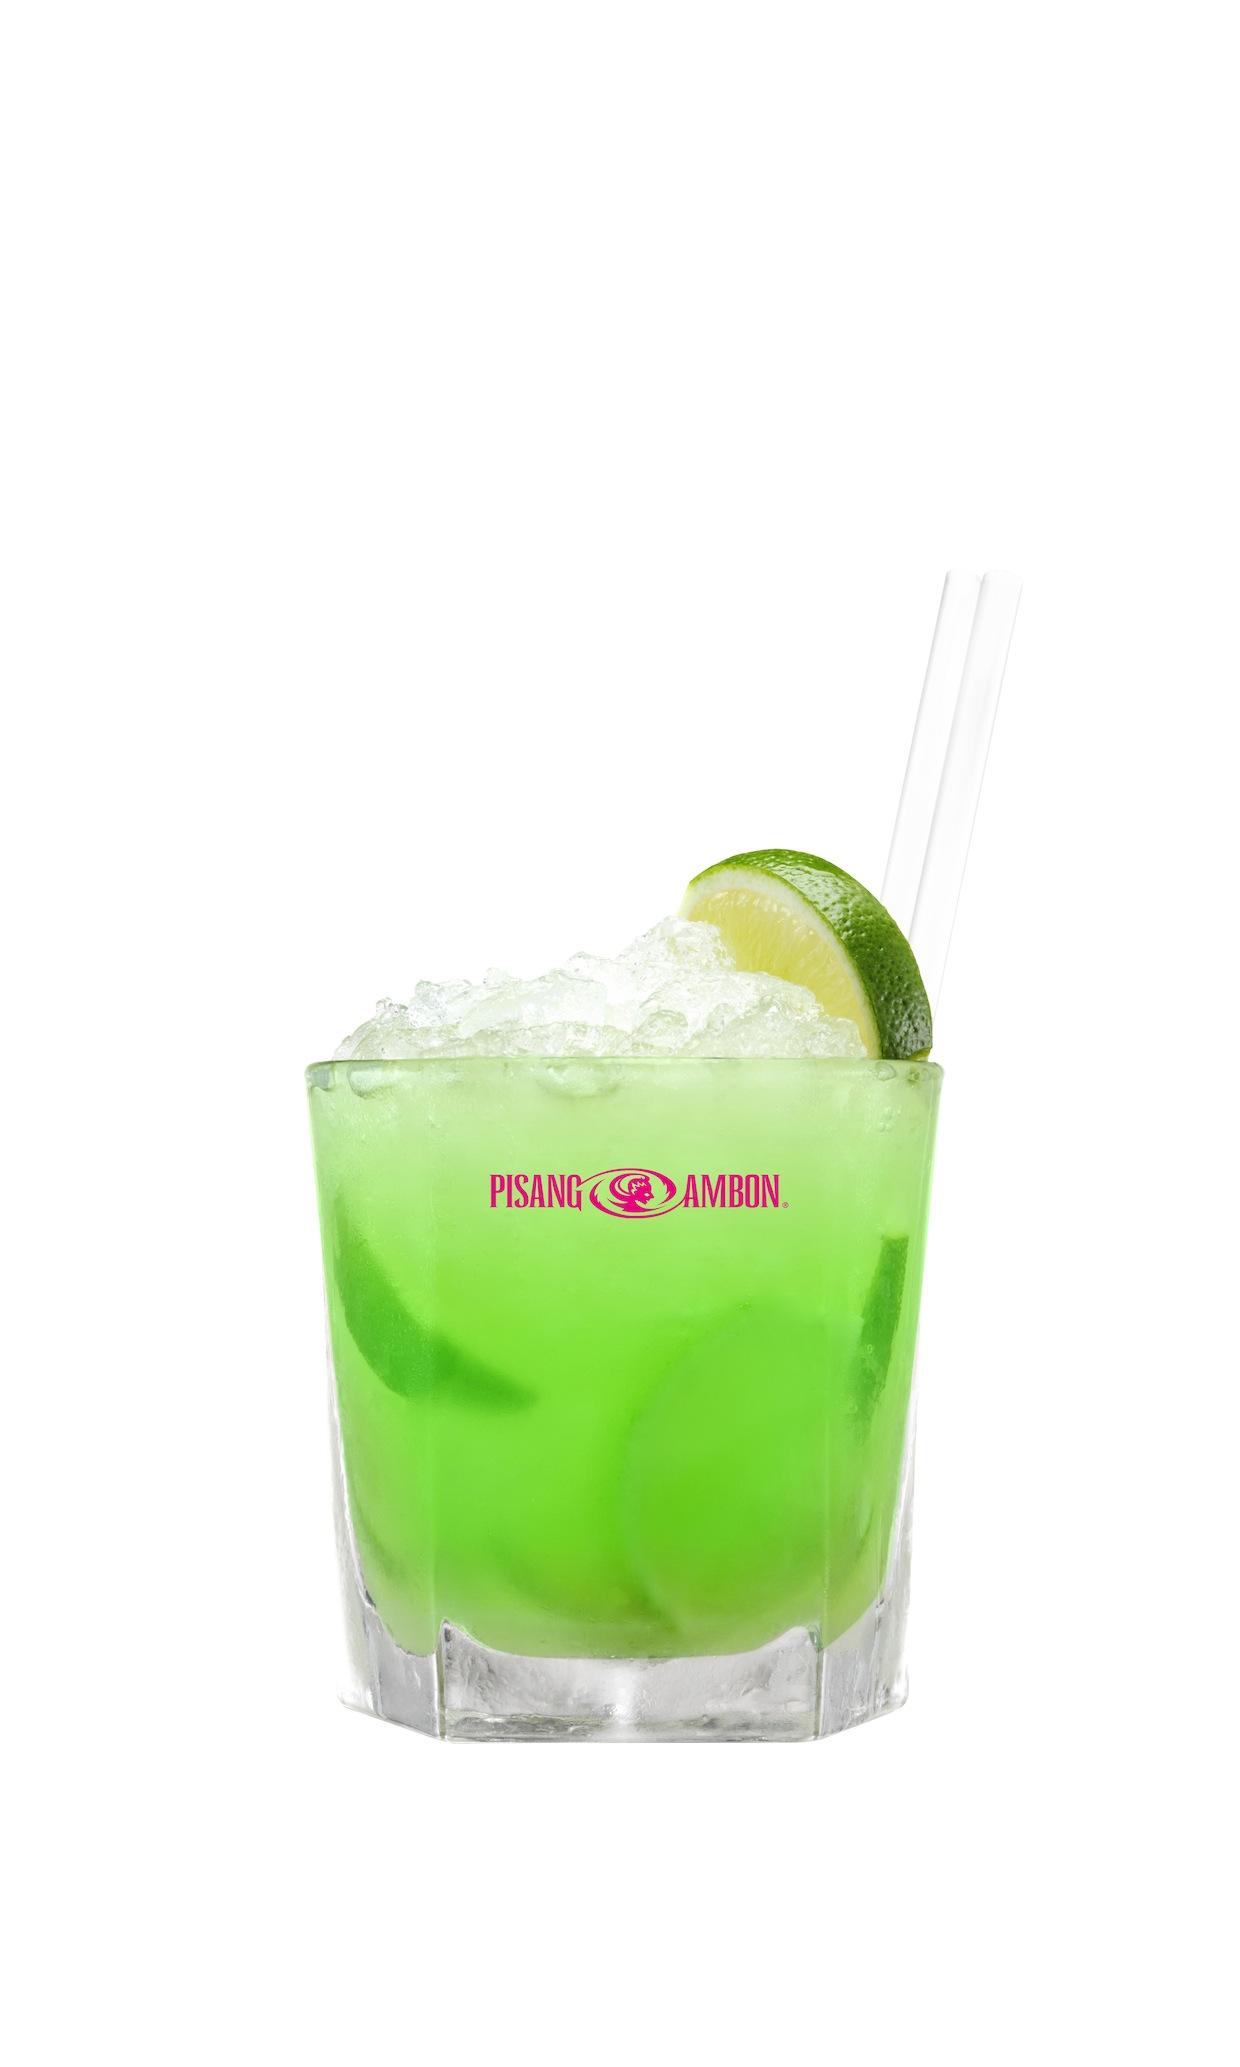 Pisang ambon dtc dans ton cocktail par max boublil pictures for Cocktail pisang